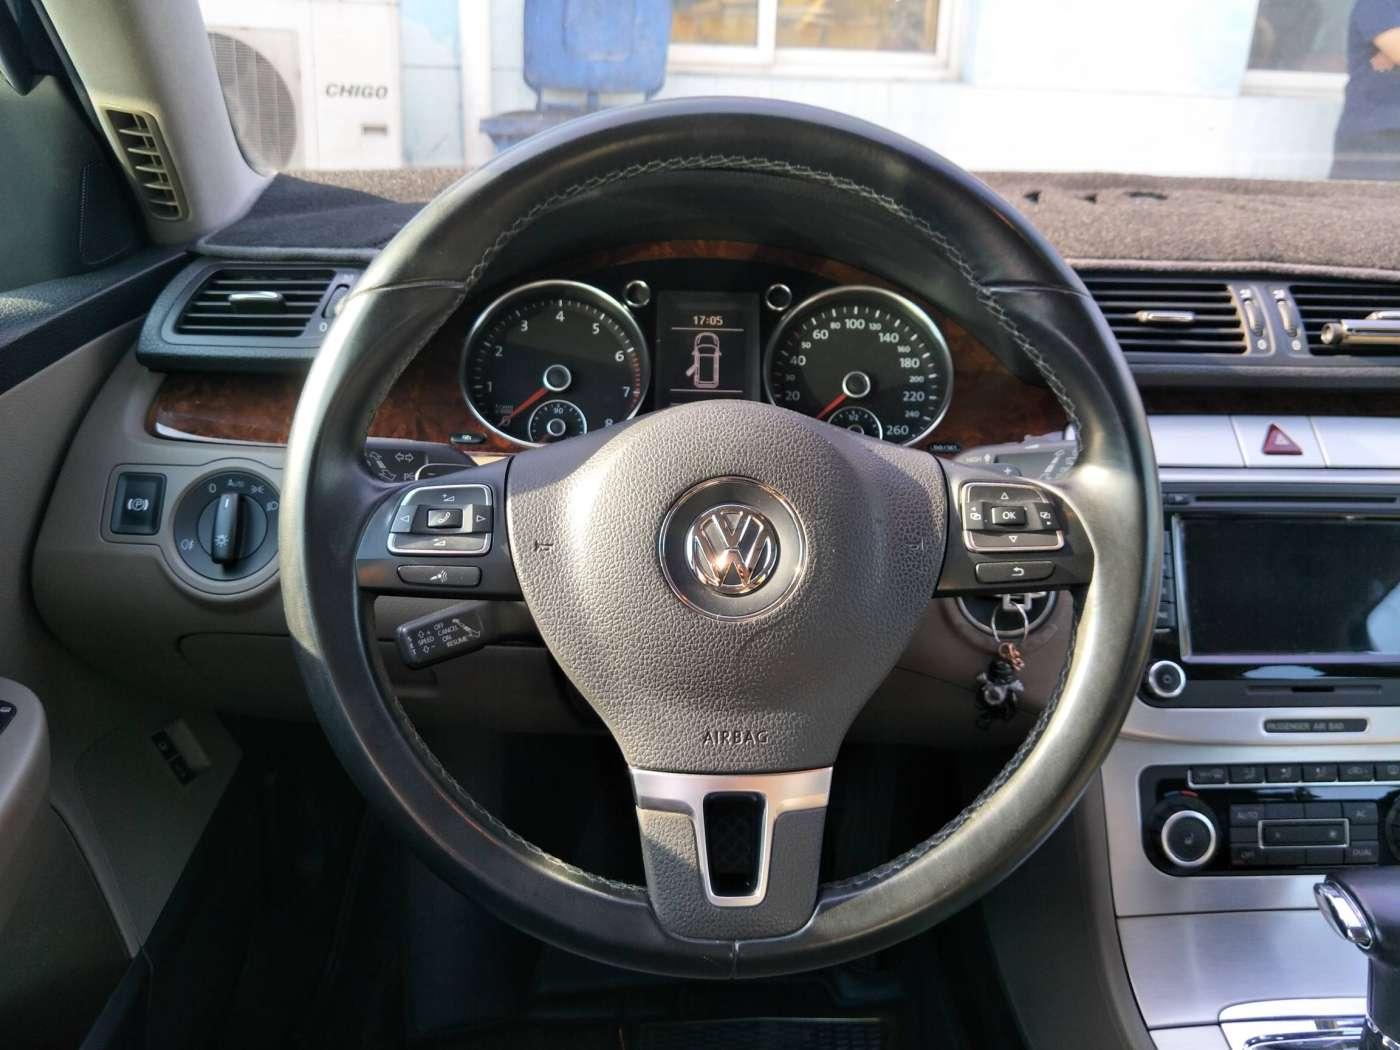 2011年01月 大众 迈腾(进口) 大众迈腾(进口) 2012款 旅行版 2.0TSI 豪华型|甄选大众-北京卡斯基汽车服务有限公司